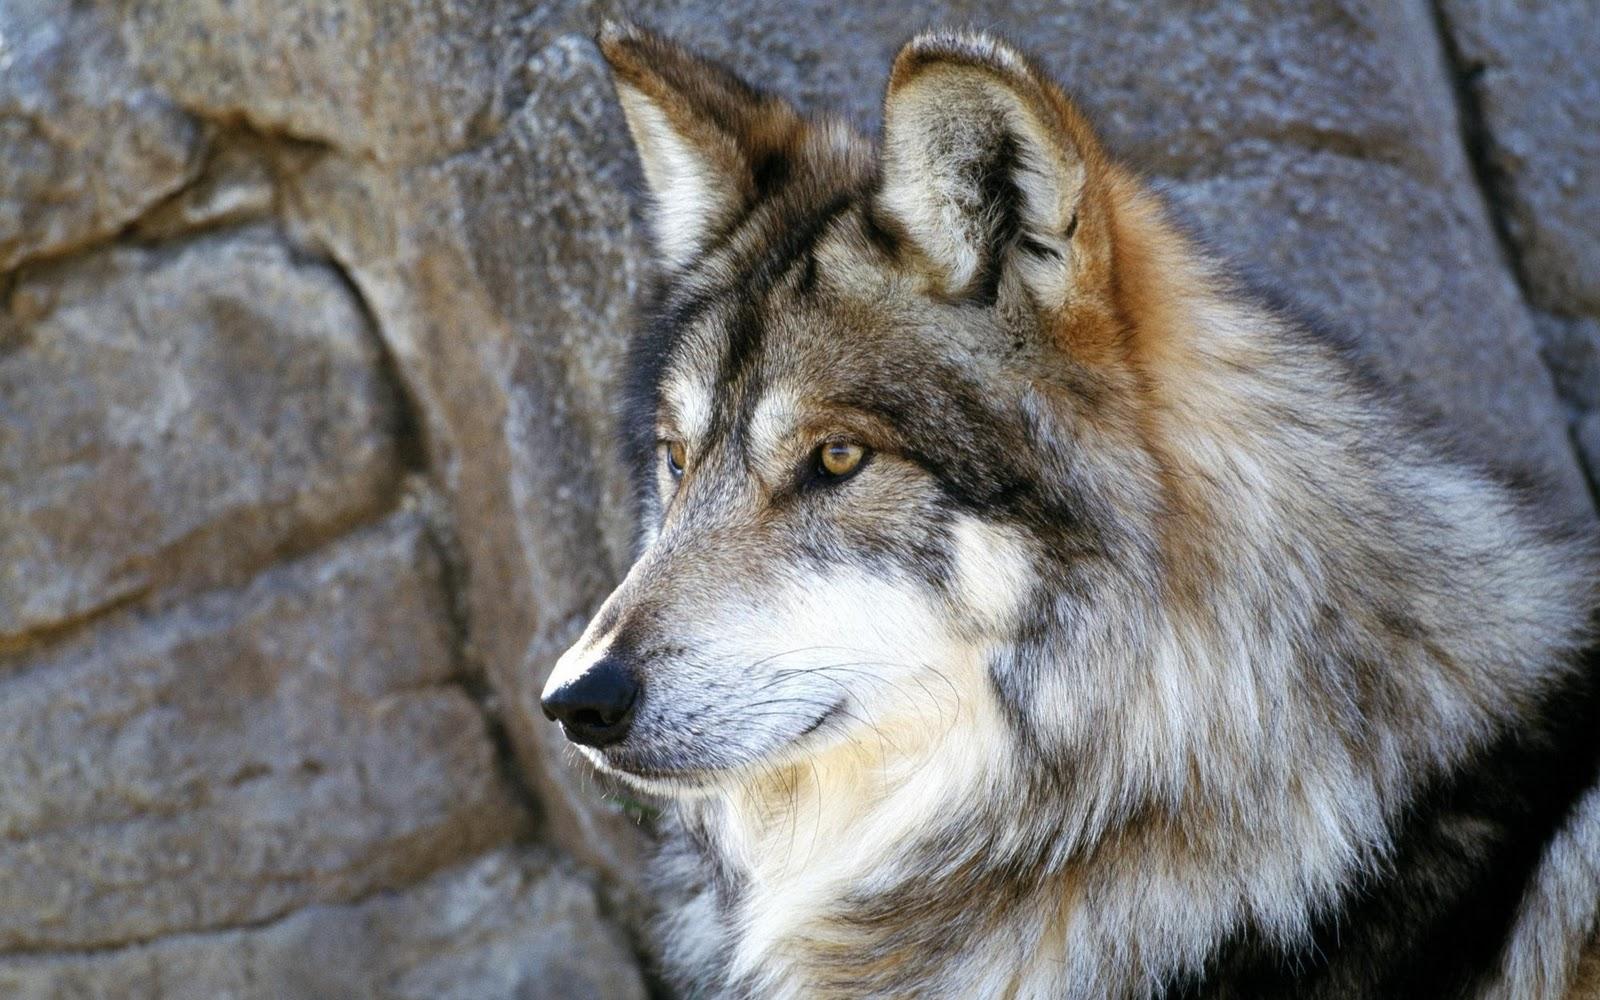 http://1.bp.blogspot.com/-ErY6OBmVMUc/T2A7M_v7TgI/AAAAAAAACp0/RQT4eO3RkwQ/s1600/Wolf+Full+HD+Wallpapers+2.jpg